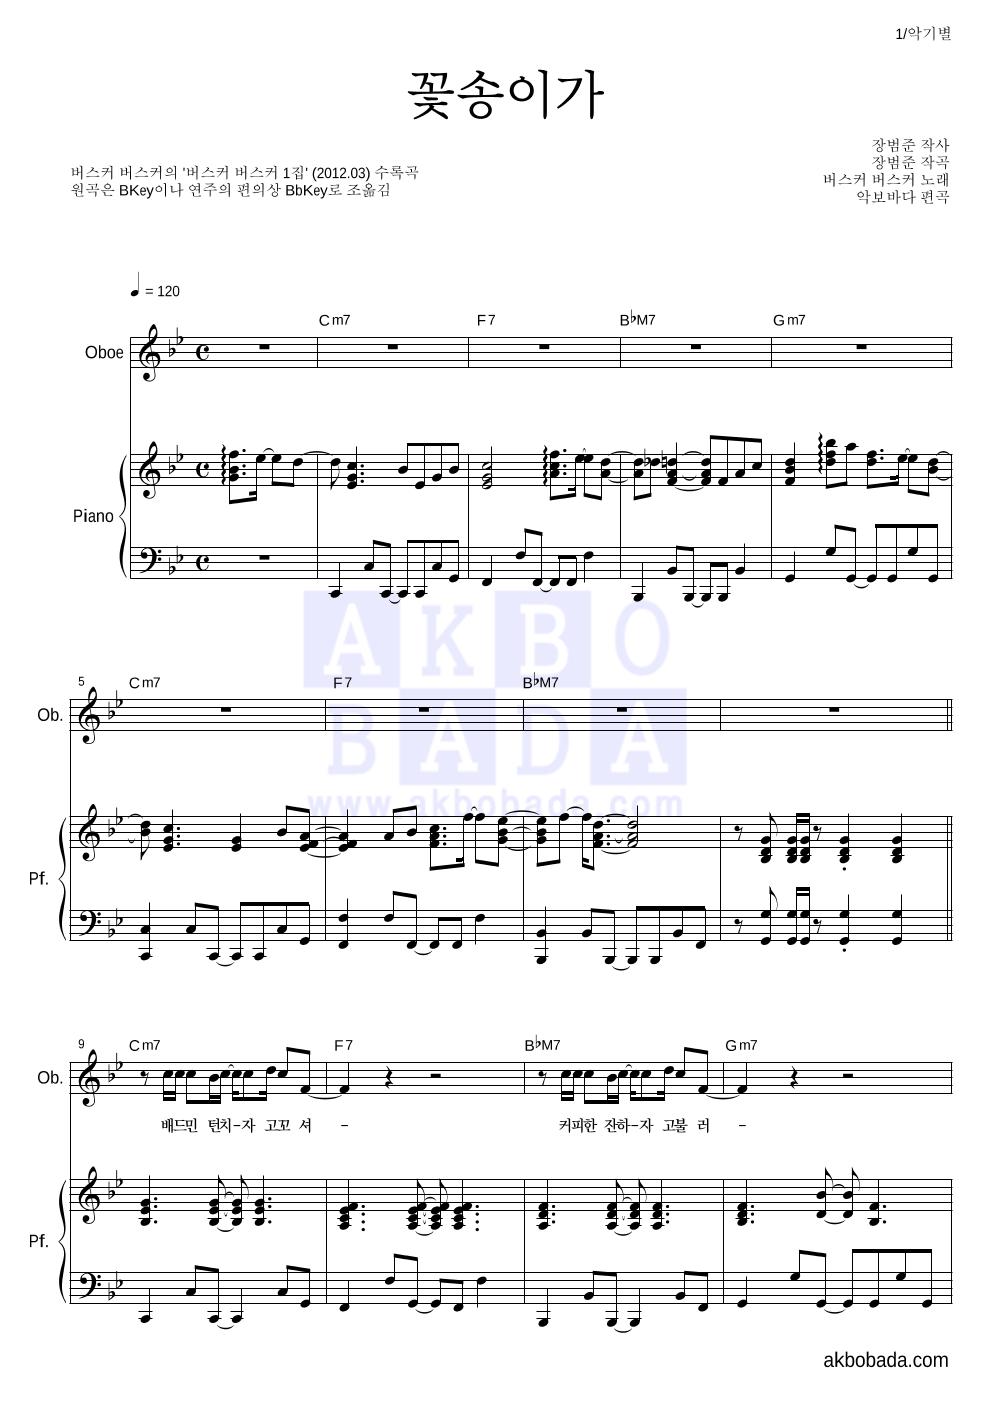 버스커 버스커 - 꽃송이가 오보에&피아노 악보